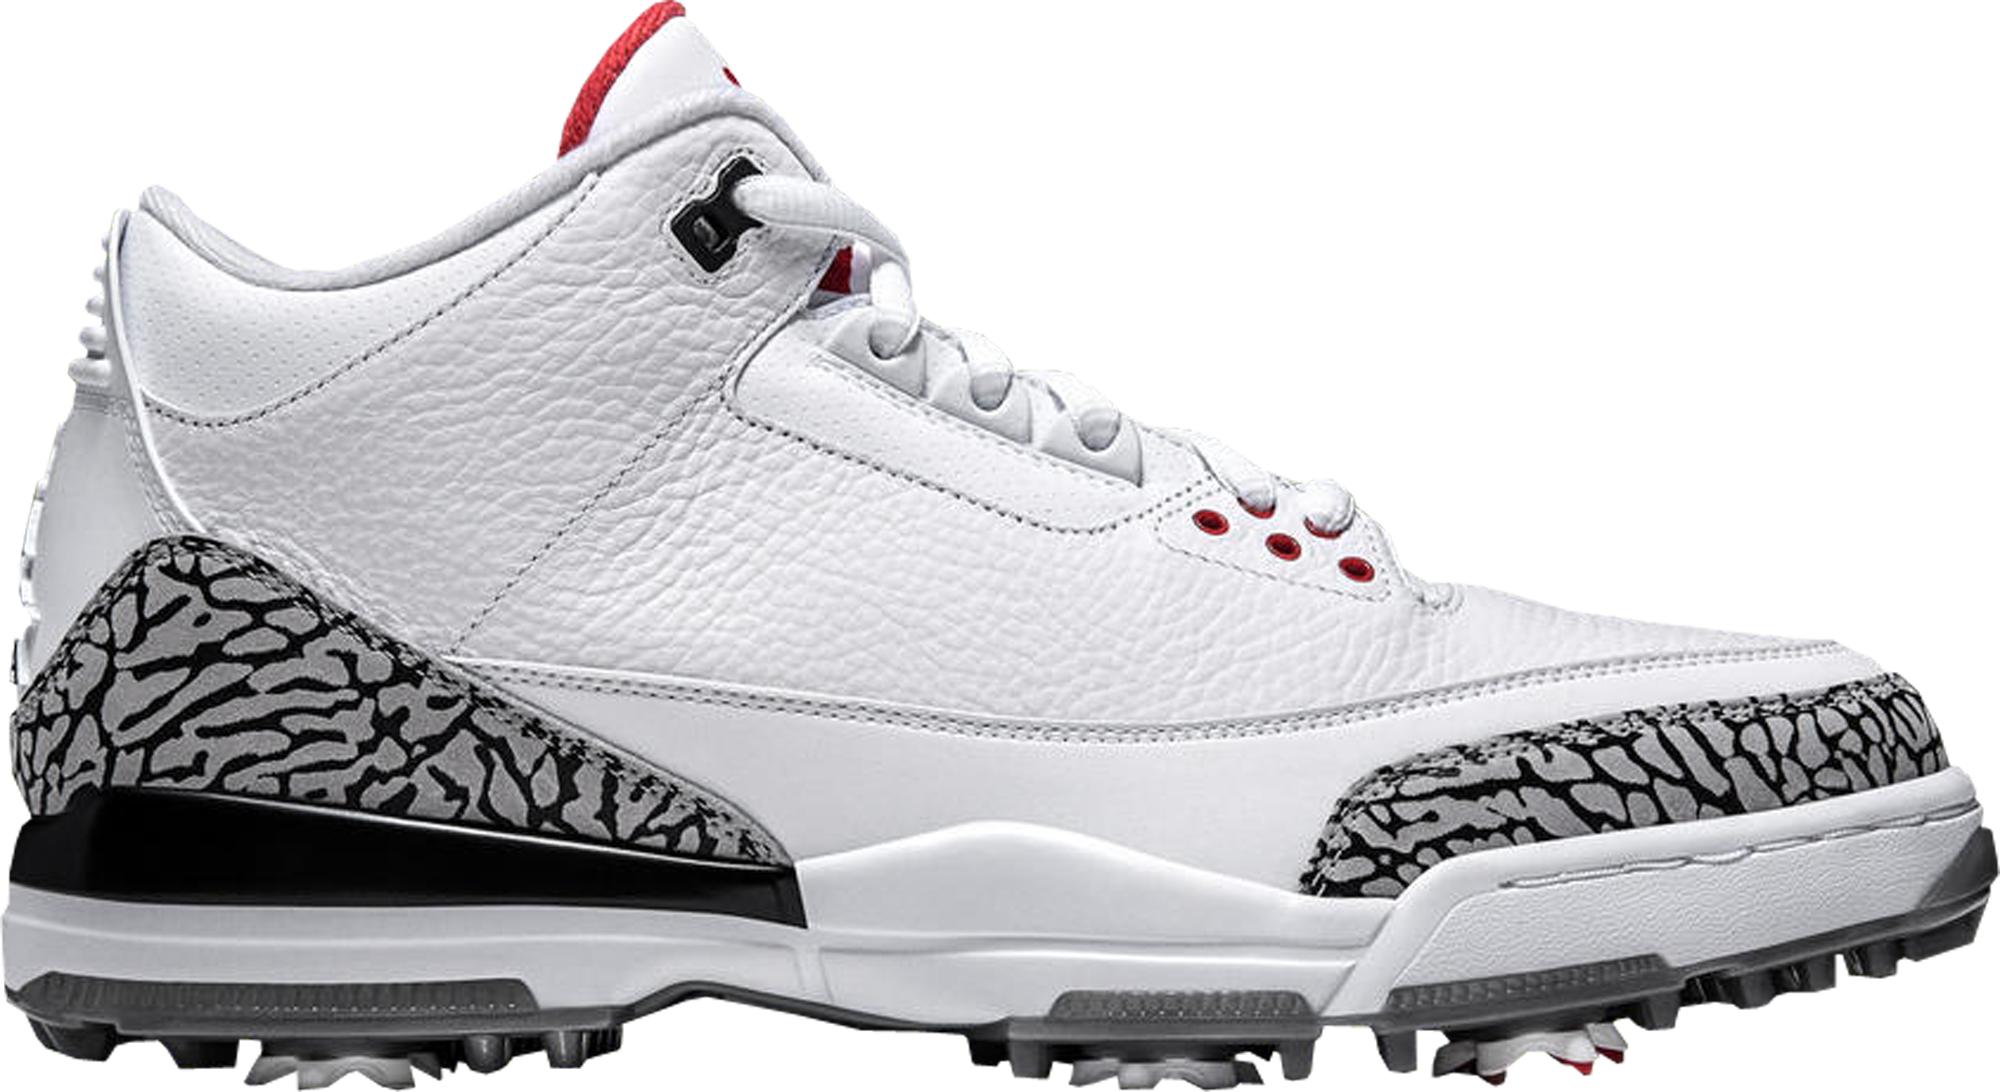 2c69b09a55fa Nike Air Jordan 3s White Cement